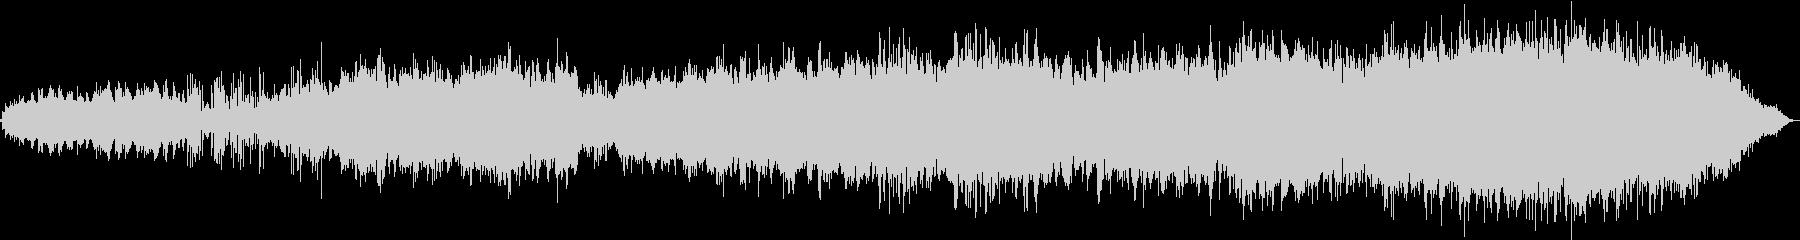 東洋的な雰囲気のBGMの未再生の波形